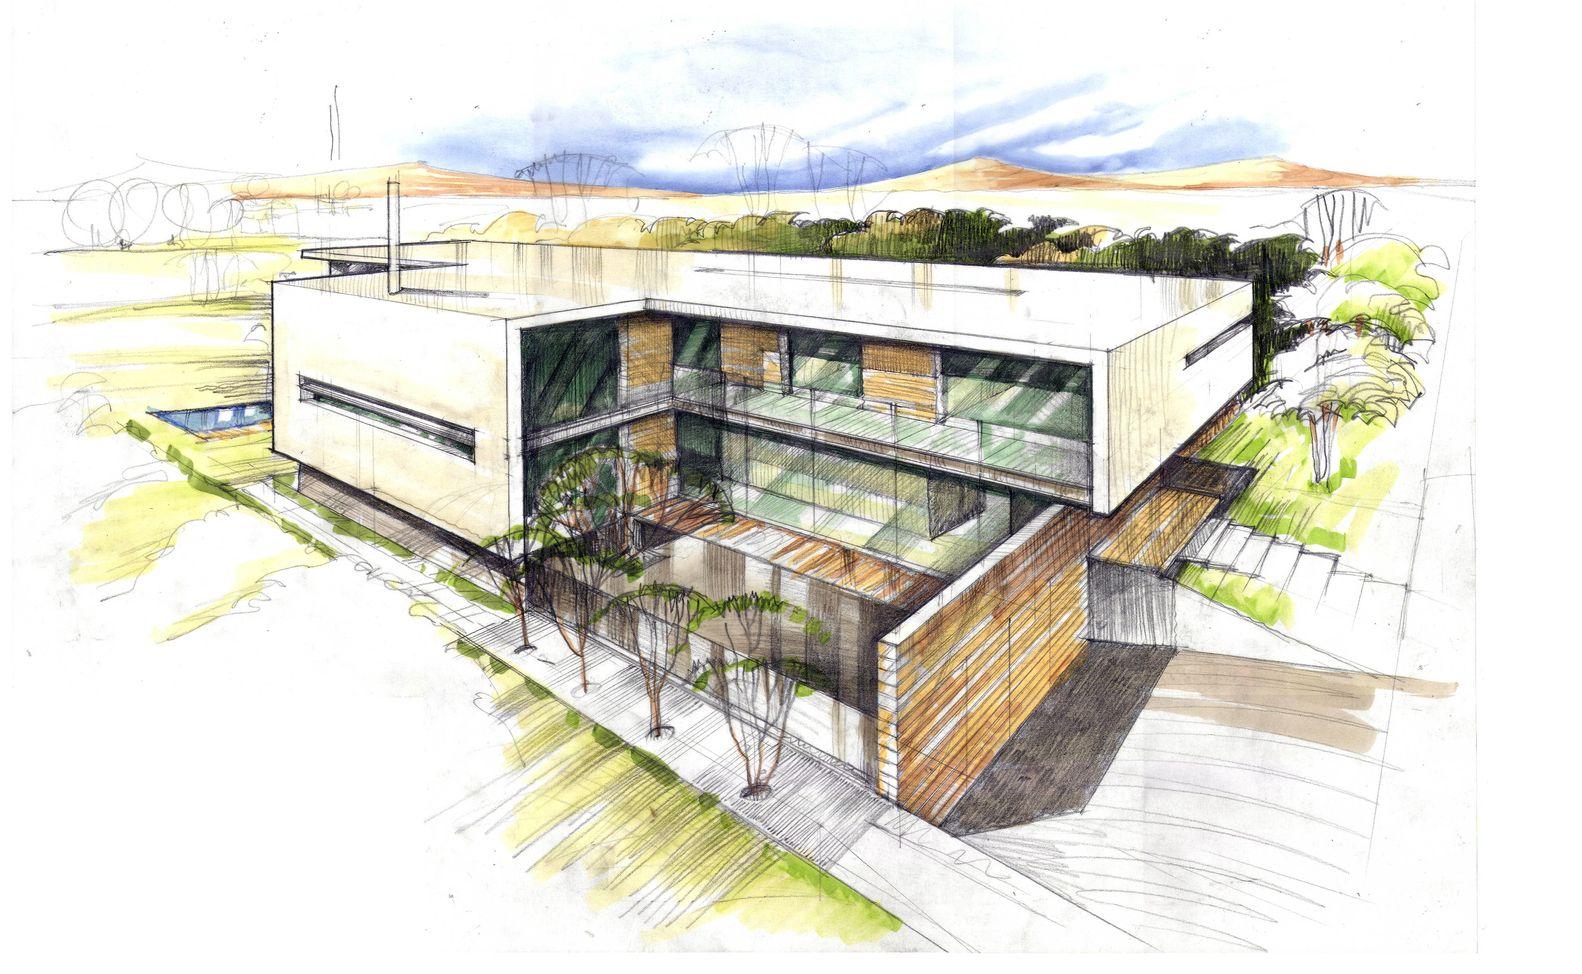 Galer a de casa m2 hern ndez silva arquitectos 30 for Arquitectura tecnica a distancia